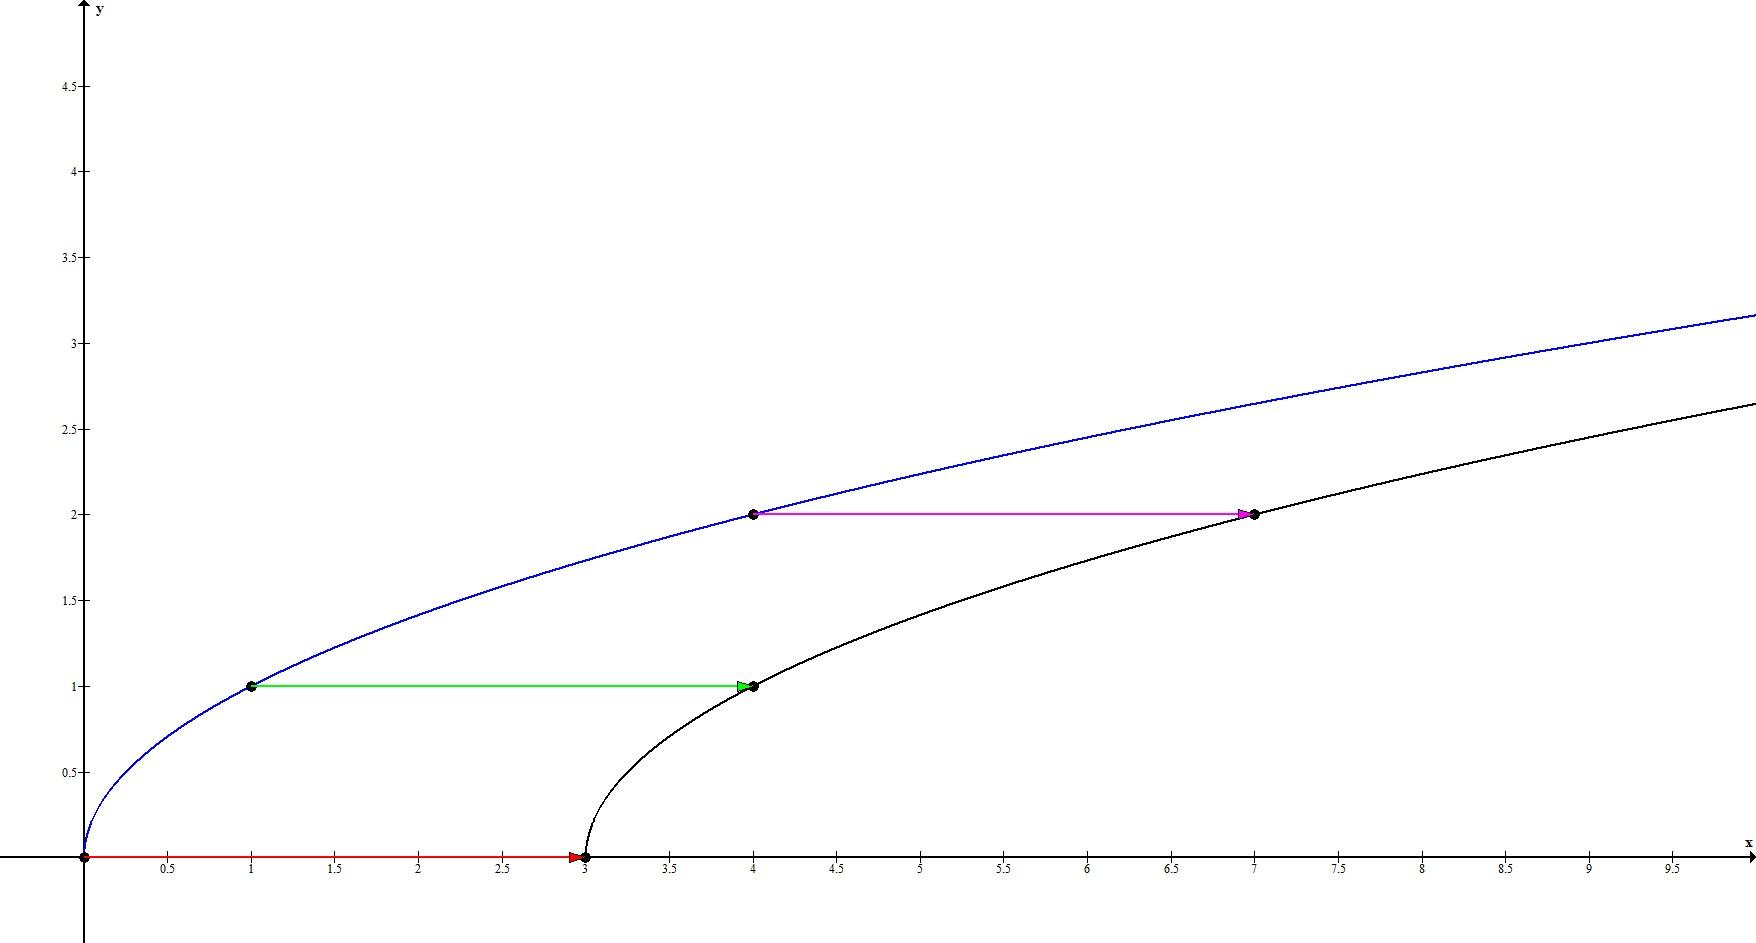 Геометрические преобразования. Параллельный перенос по Ох. Пример 2.